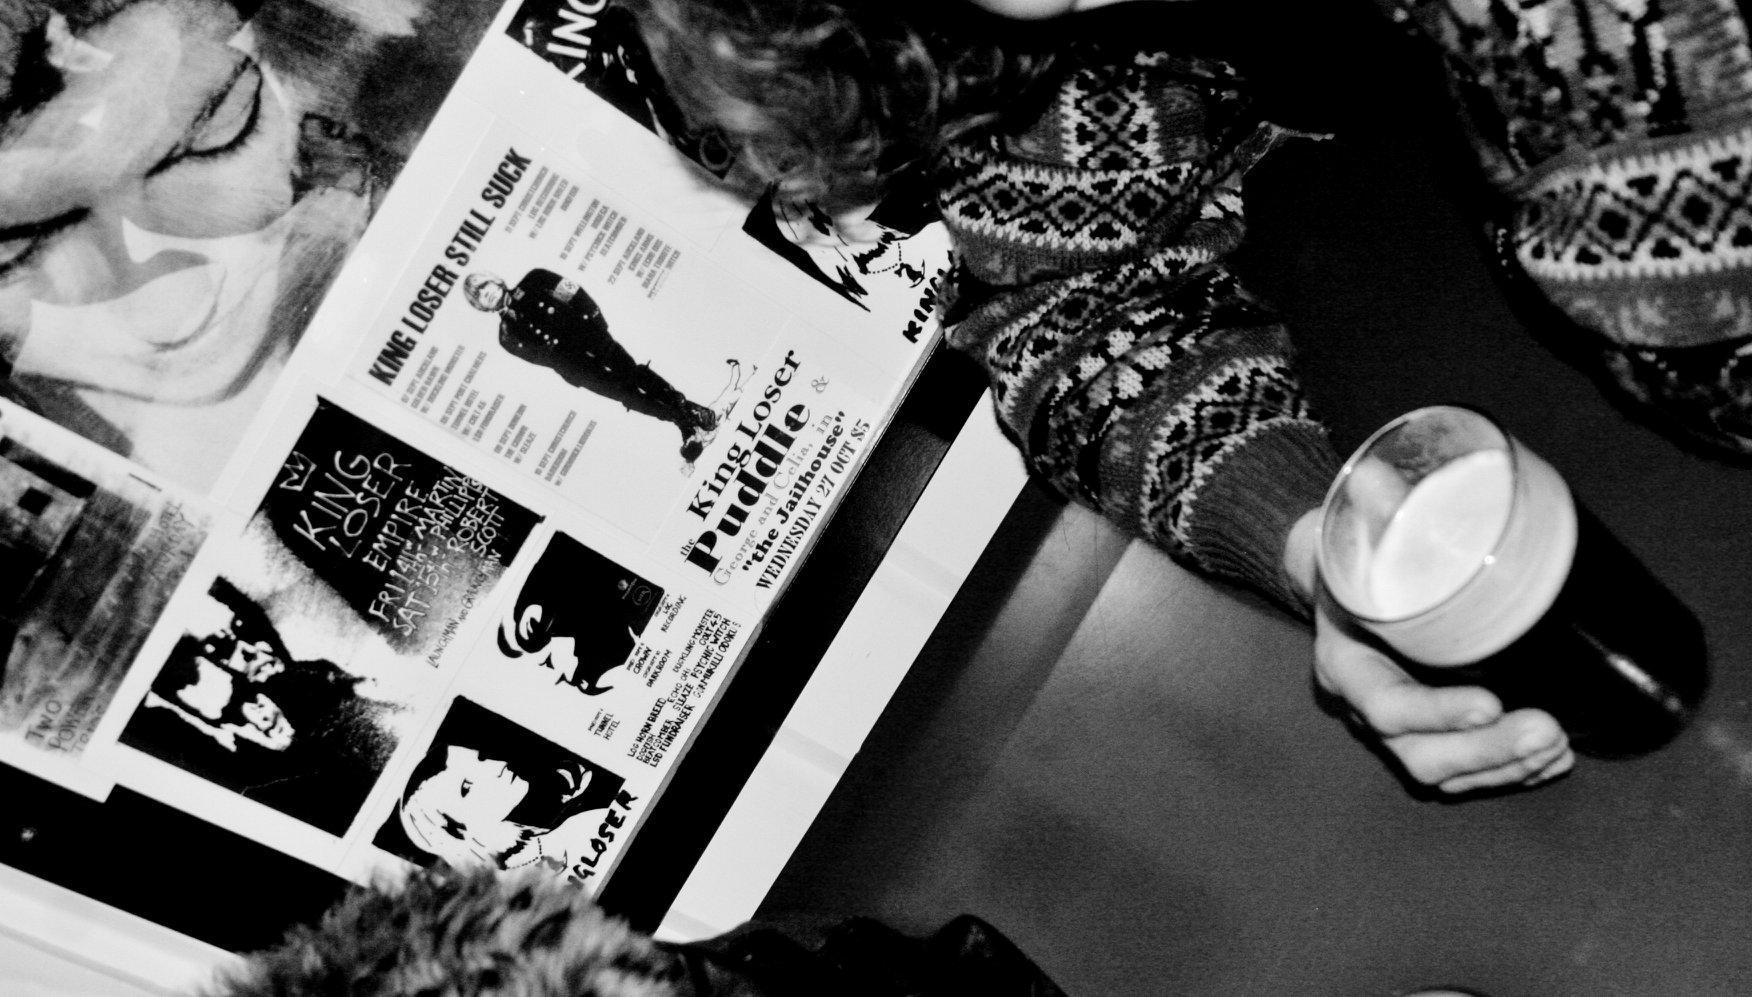 <div class='info-header'>Photographer</div> <a href='/utr/photographer/Esta-De-Jong'>Esta De Jong</a>